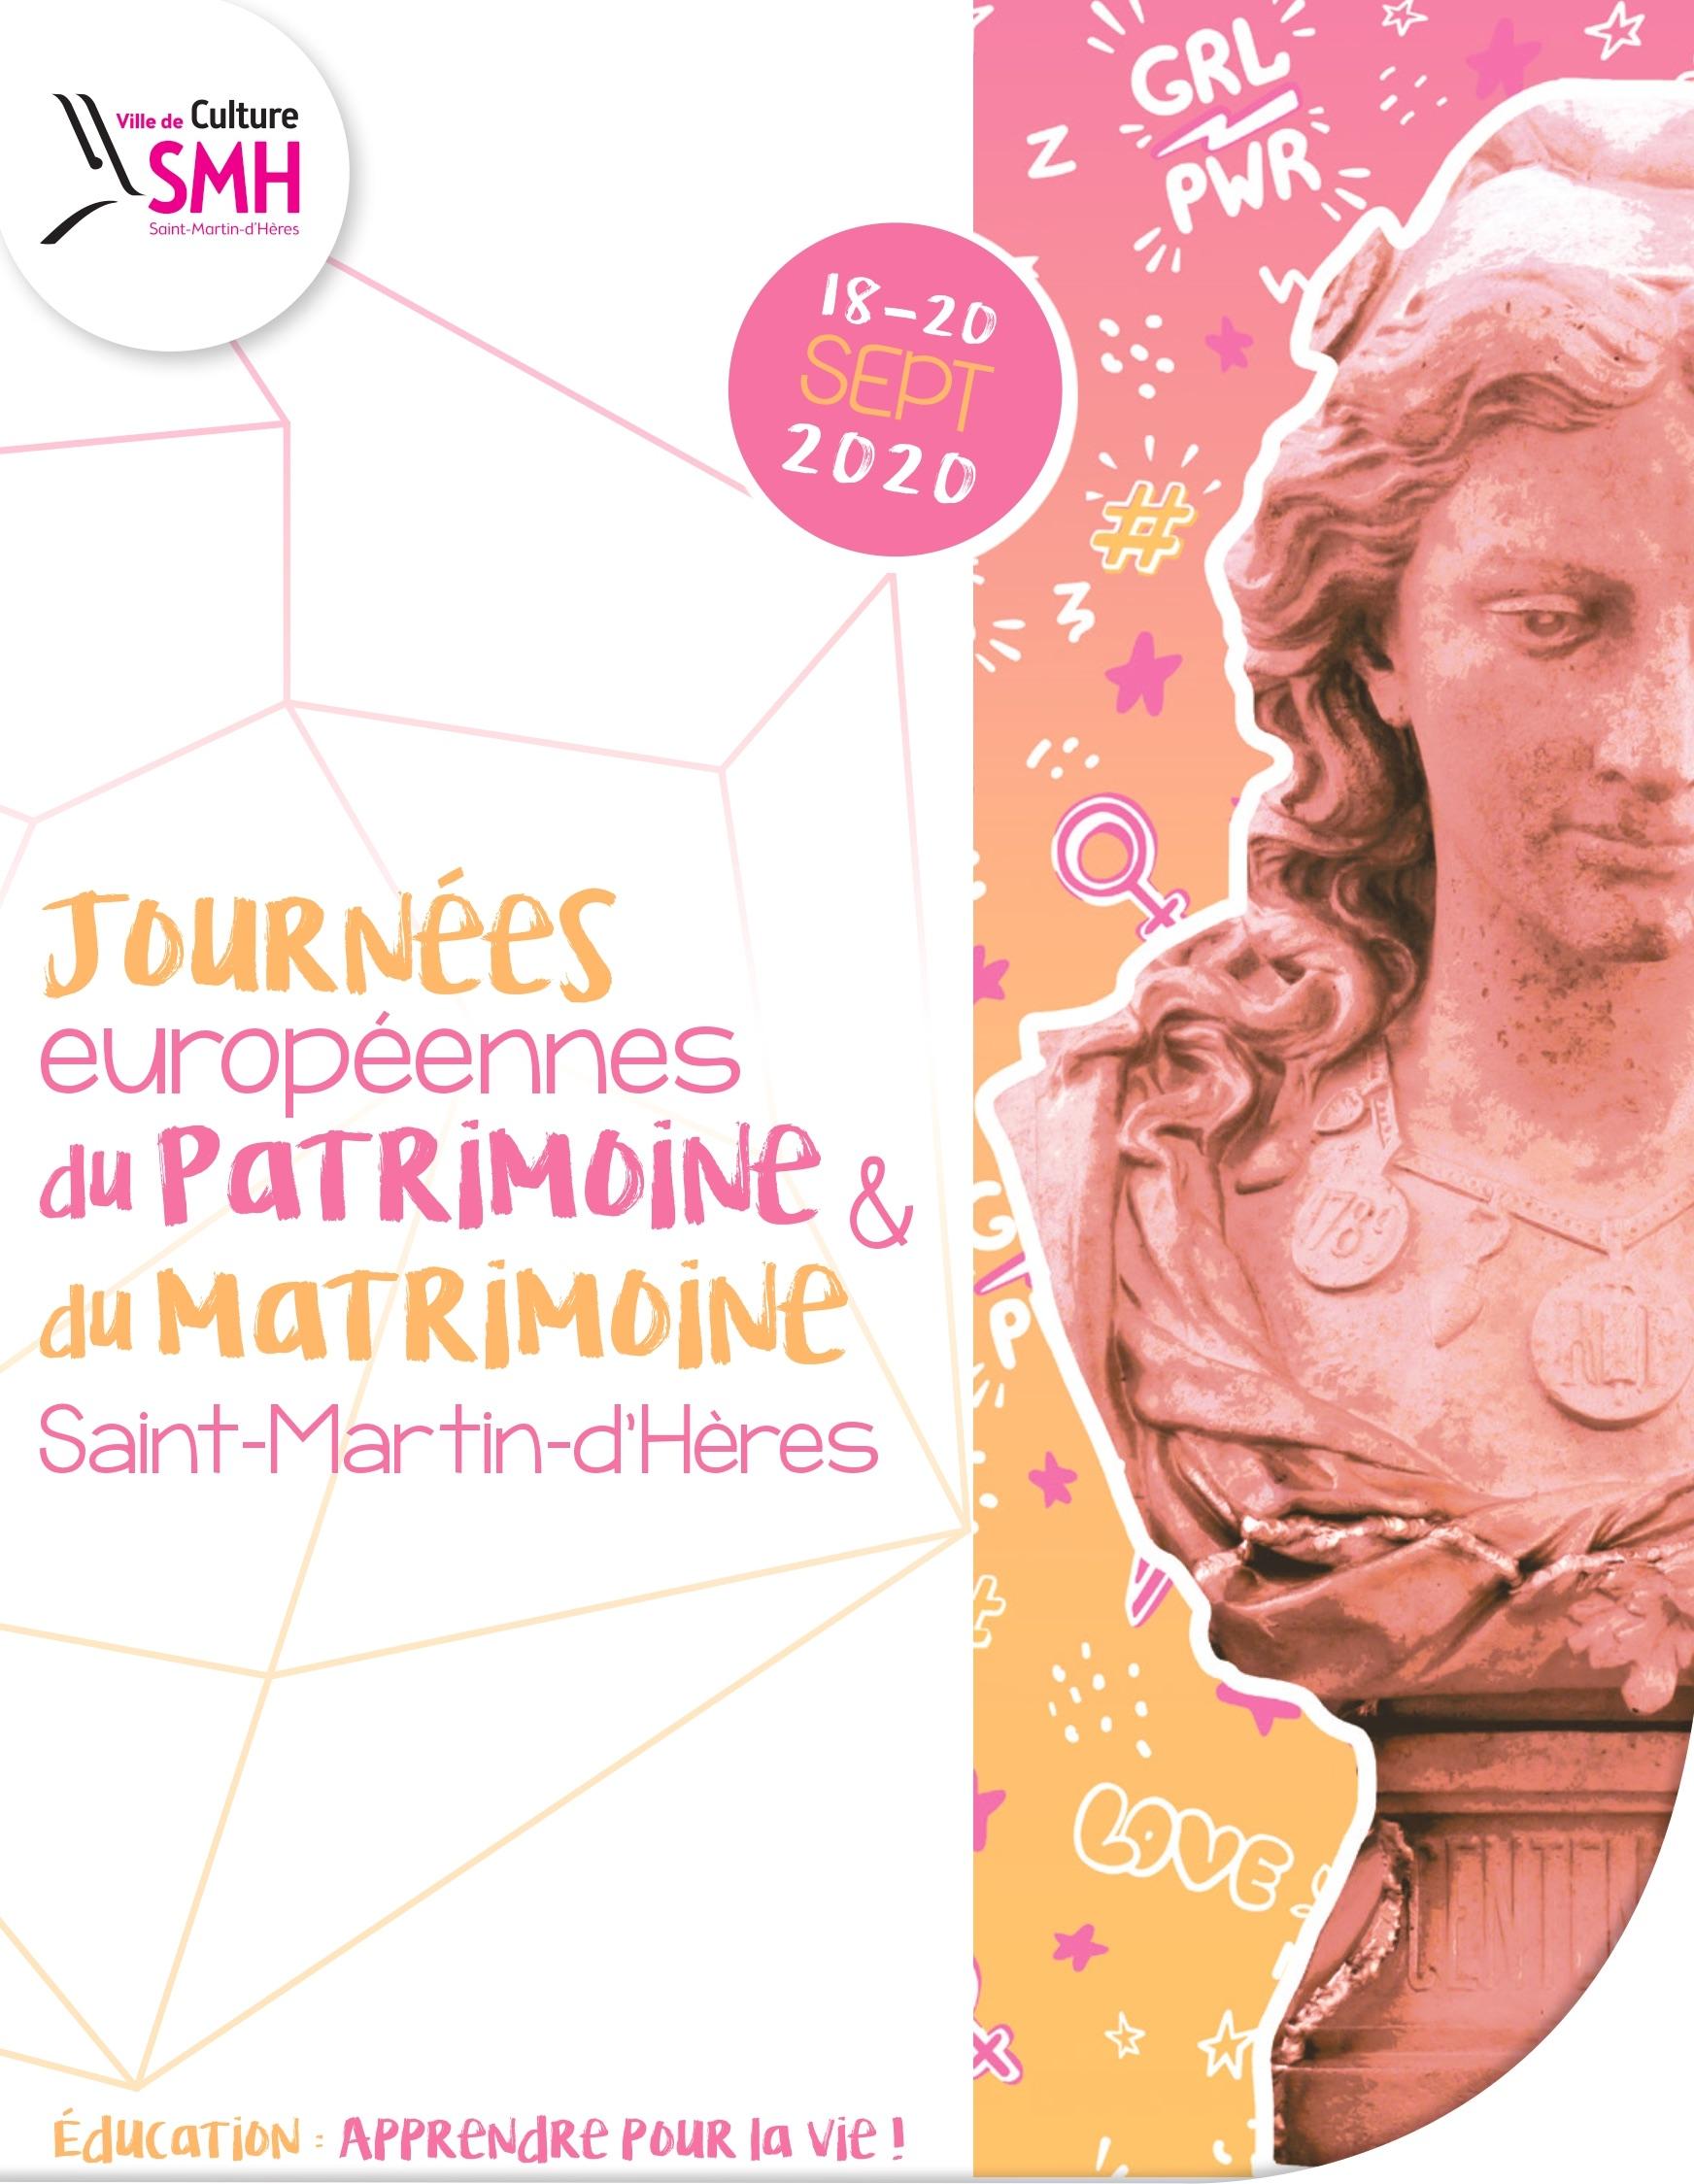 Affiche Journées du patrimoine et du matrimoine 2020 Saint-Martin-d'Hères